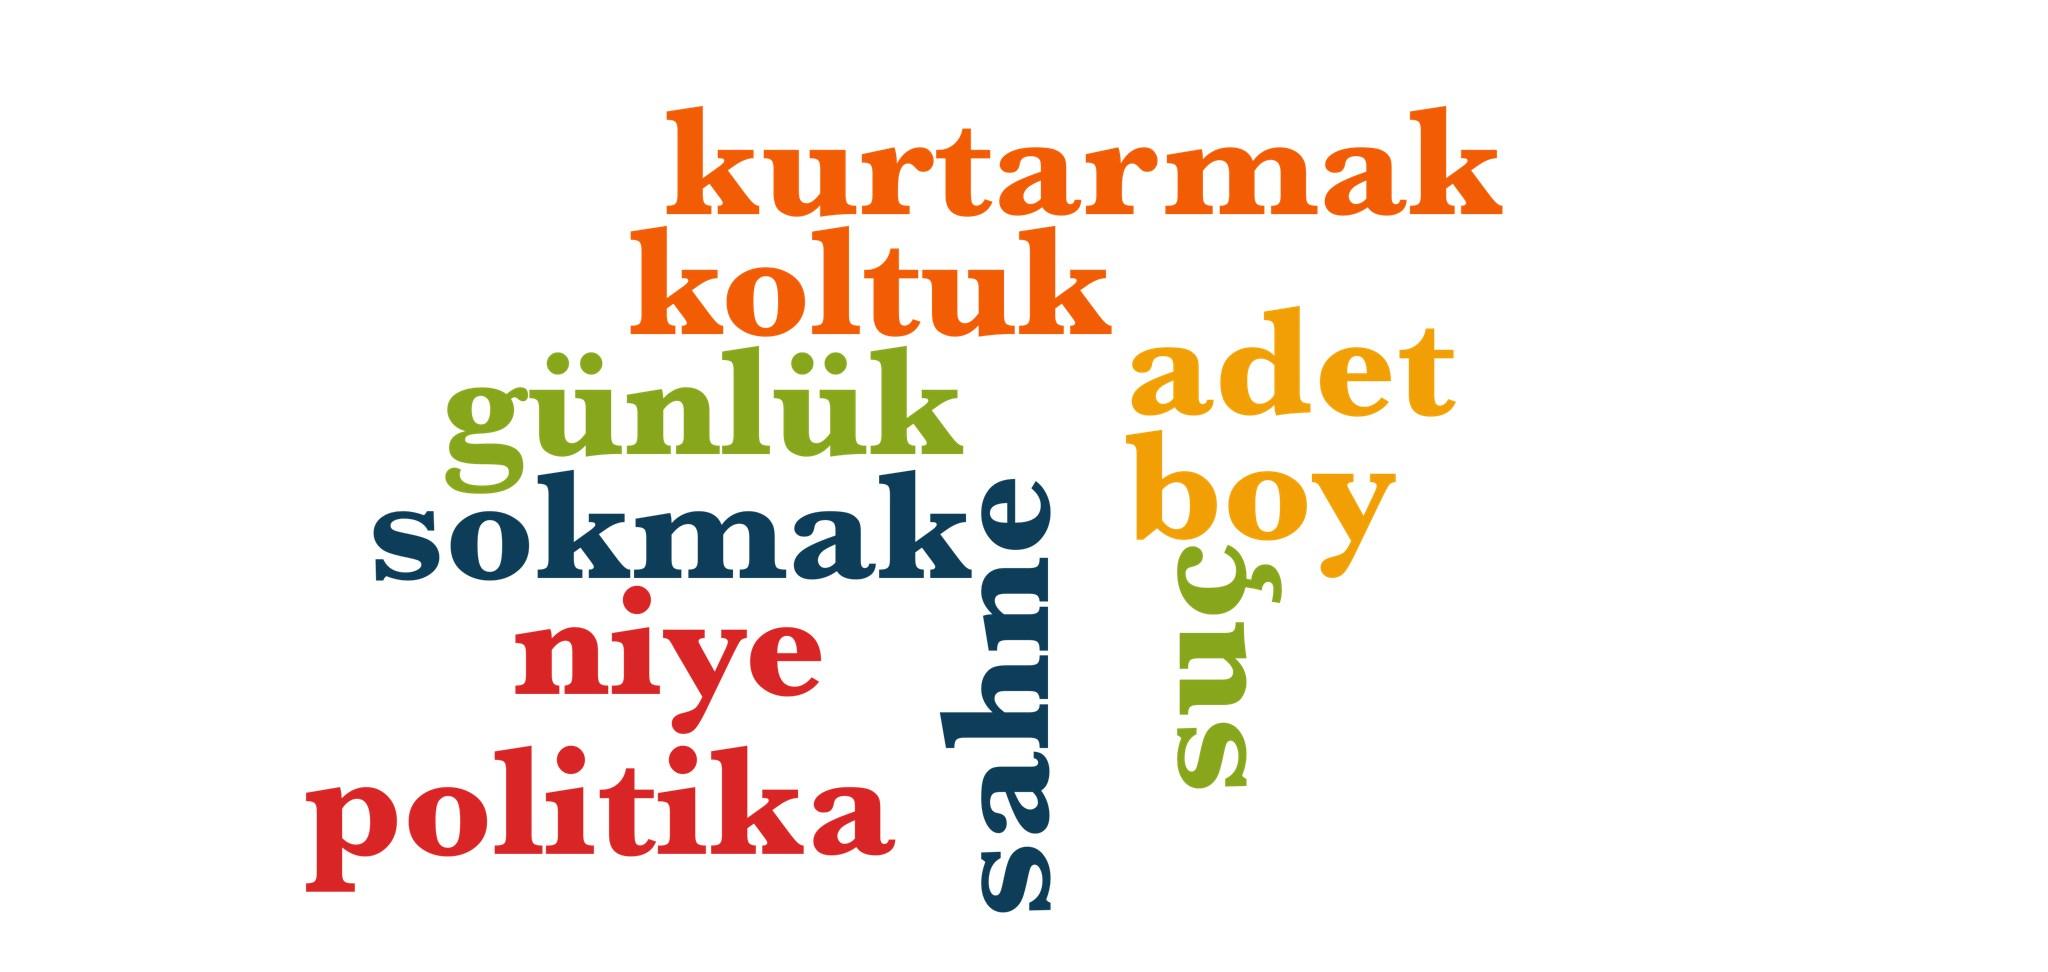 Wörter 721 bis 730 der 1000 häufigsten Wörter der türkischen Sprache